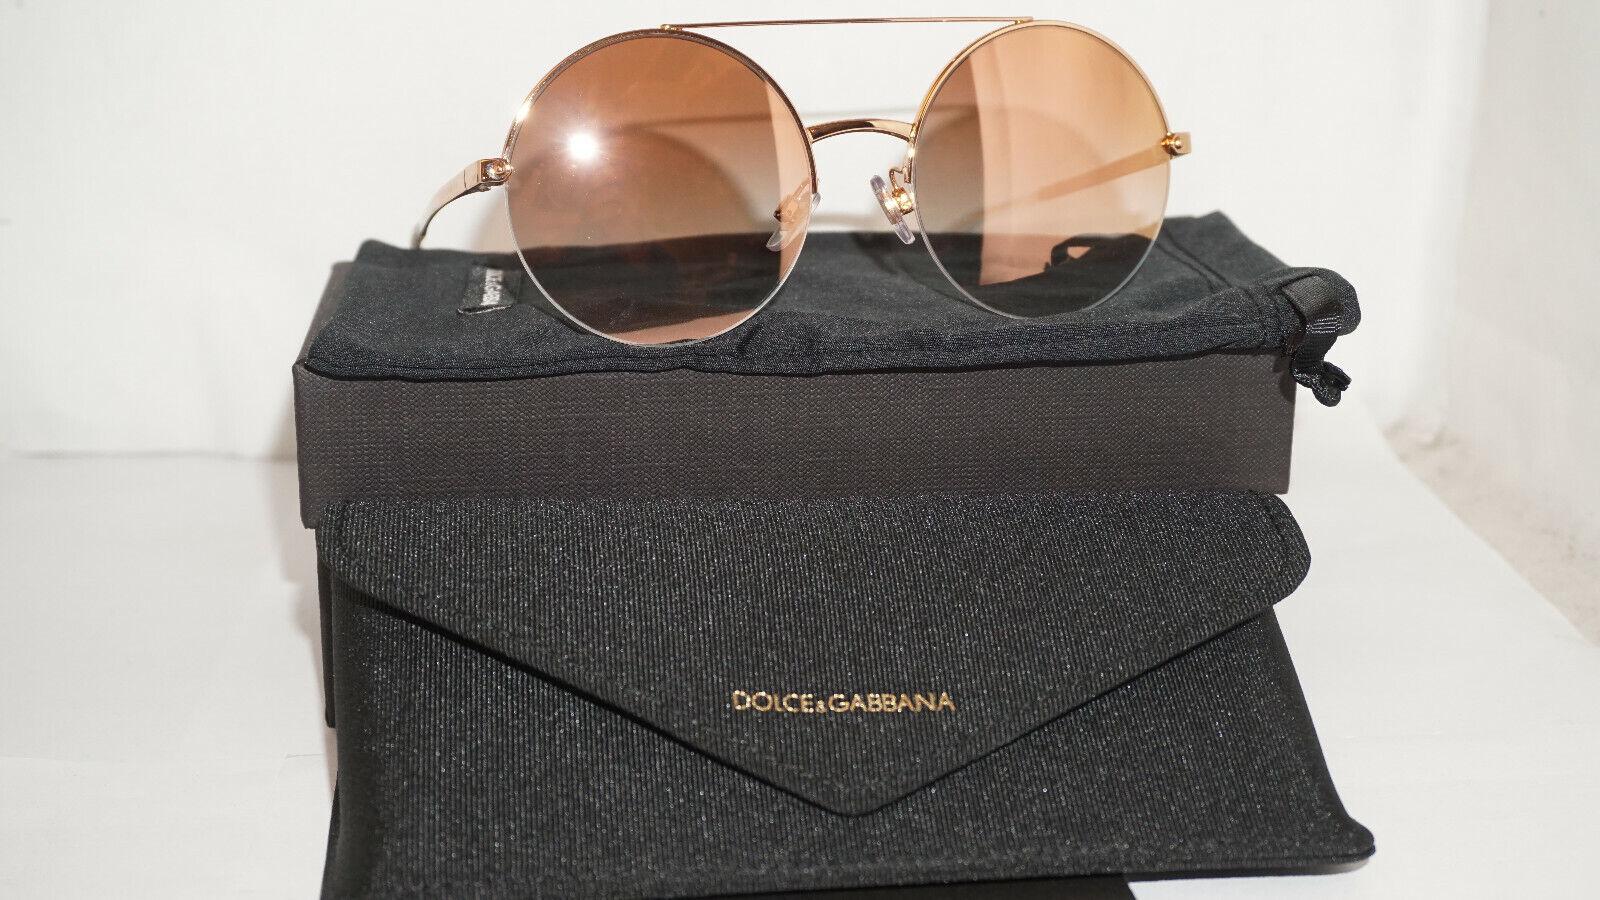 Dolce & Gabbana D&G New Sunglasse Round Pink Gold Mirror DG2237 12986F 54 19 140